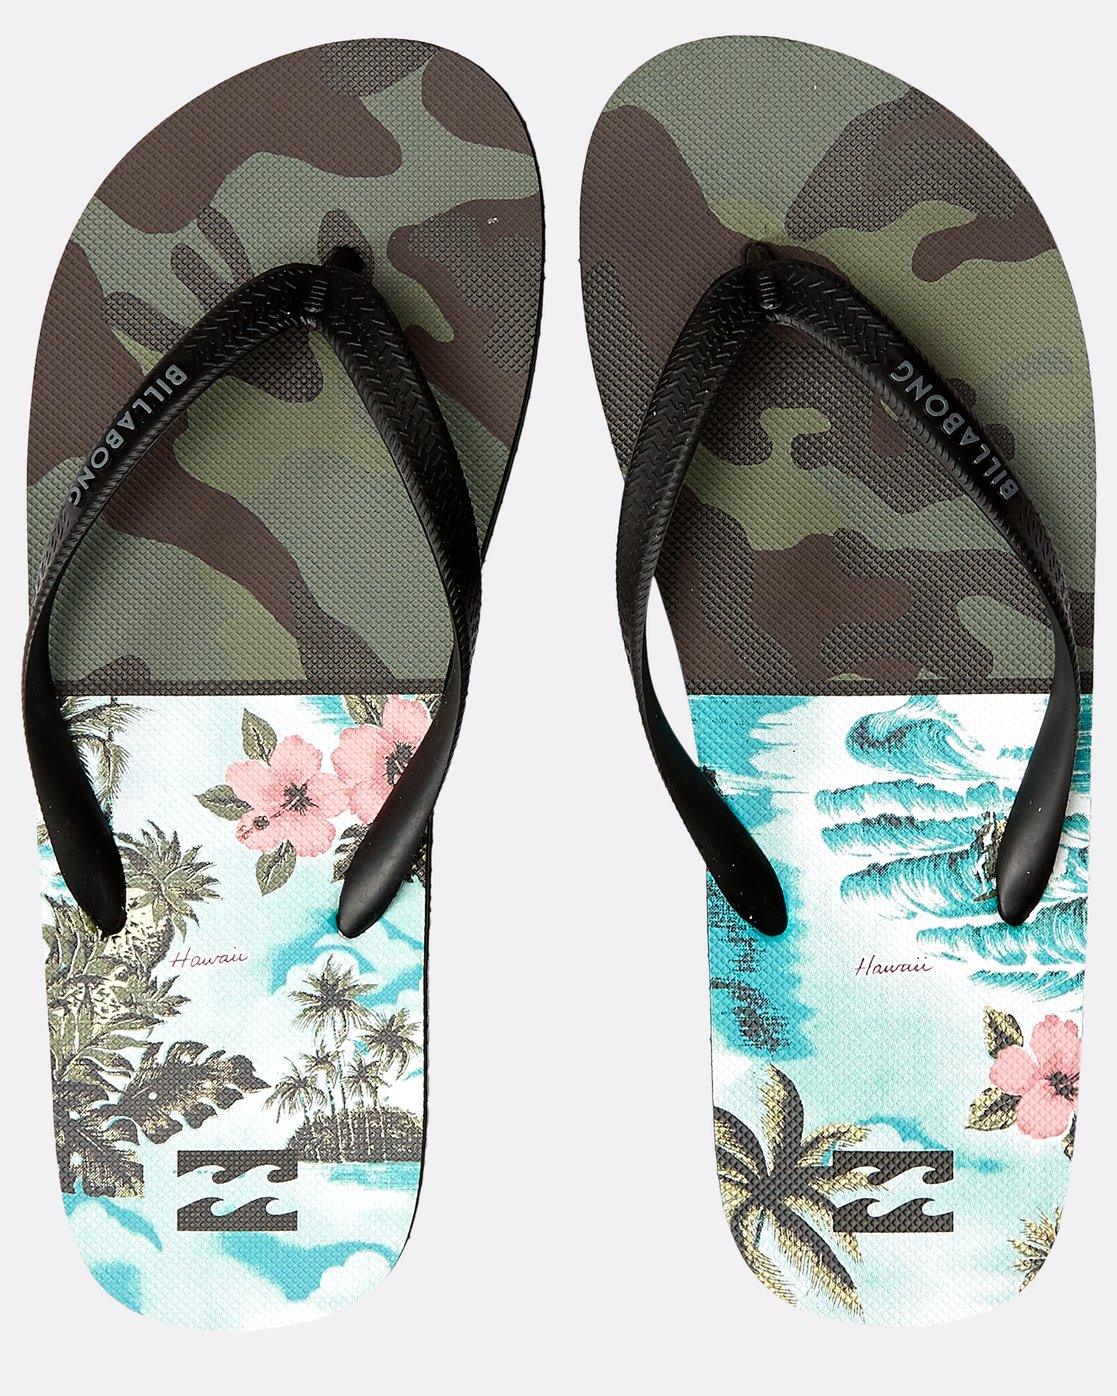 d4c3c4105cae Tides fifty sandals vert bip billabong jpg 1117x1396 Billabong sandals